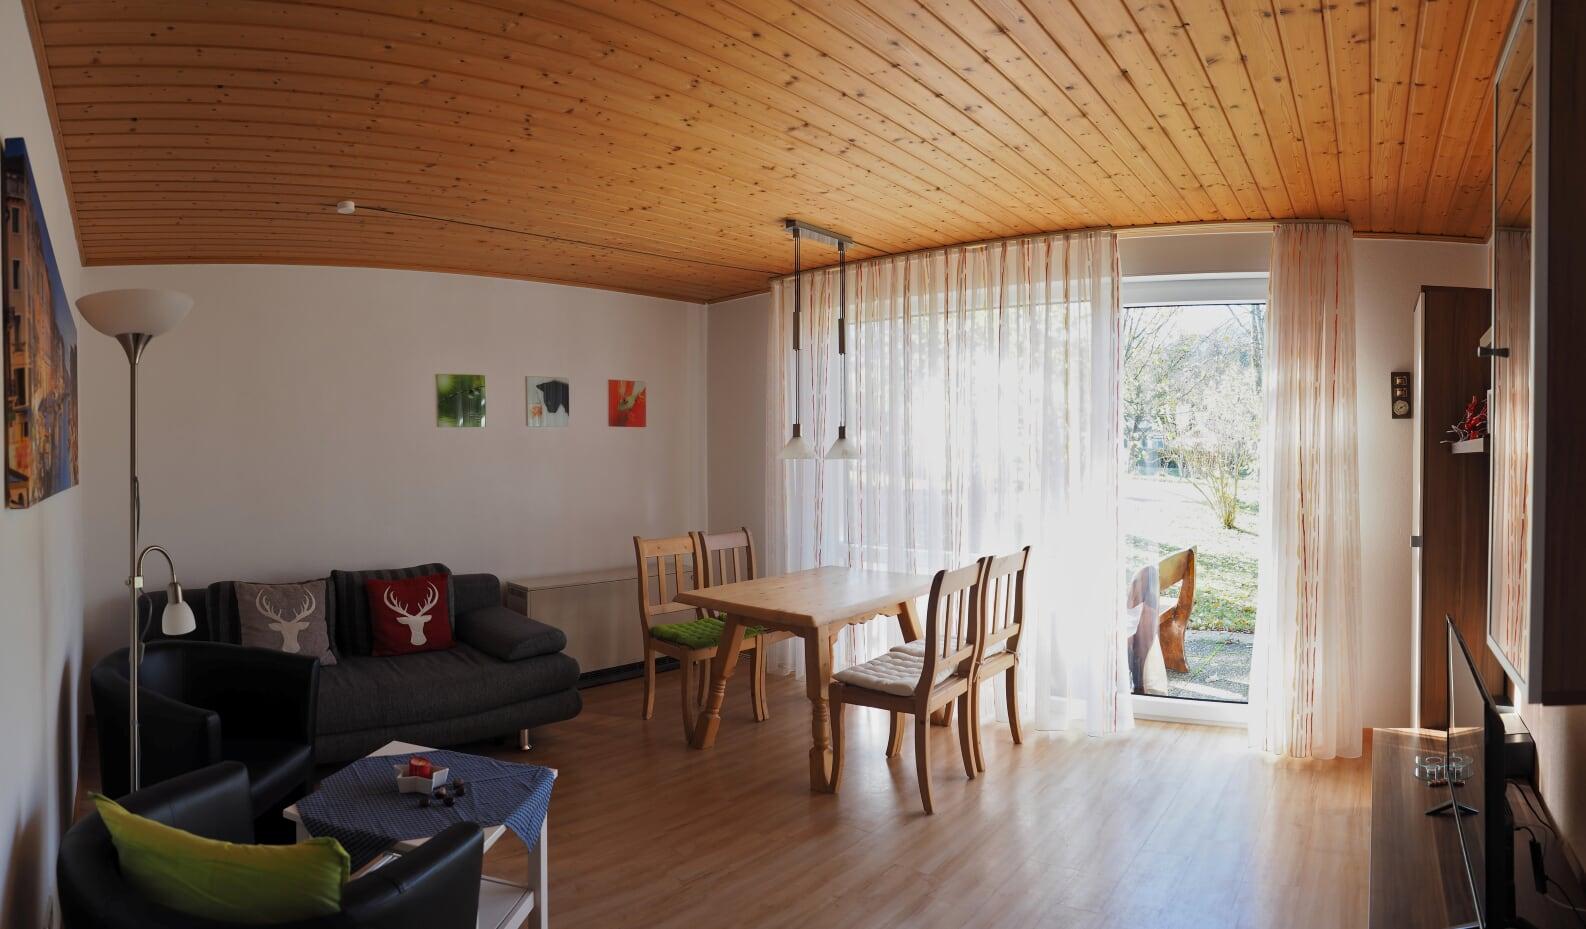 :Wohnzimmer mit Flachbildfernseher und Radio. WLAN über Rezeption erhältlich.